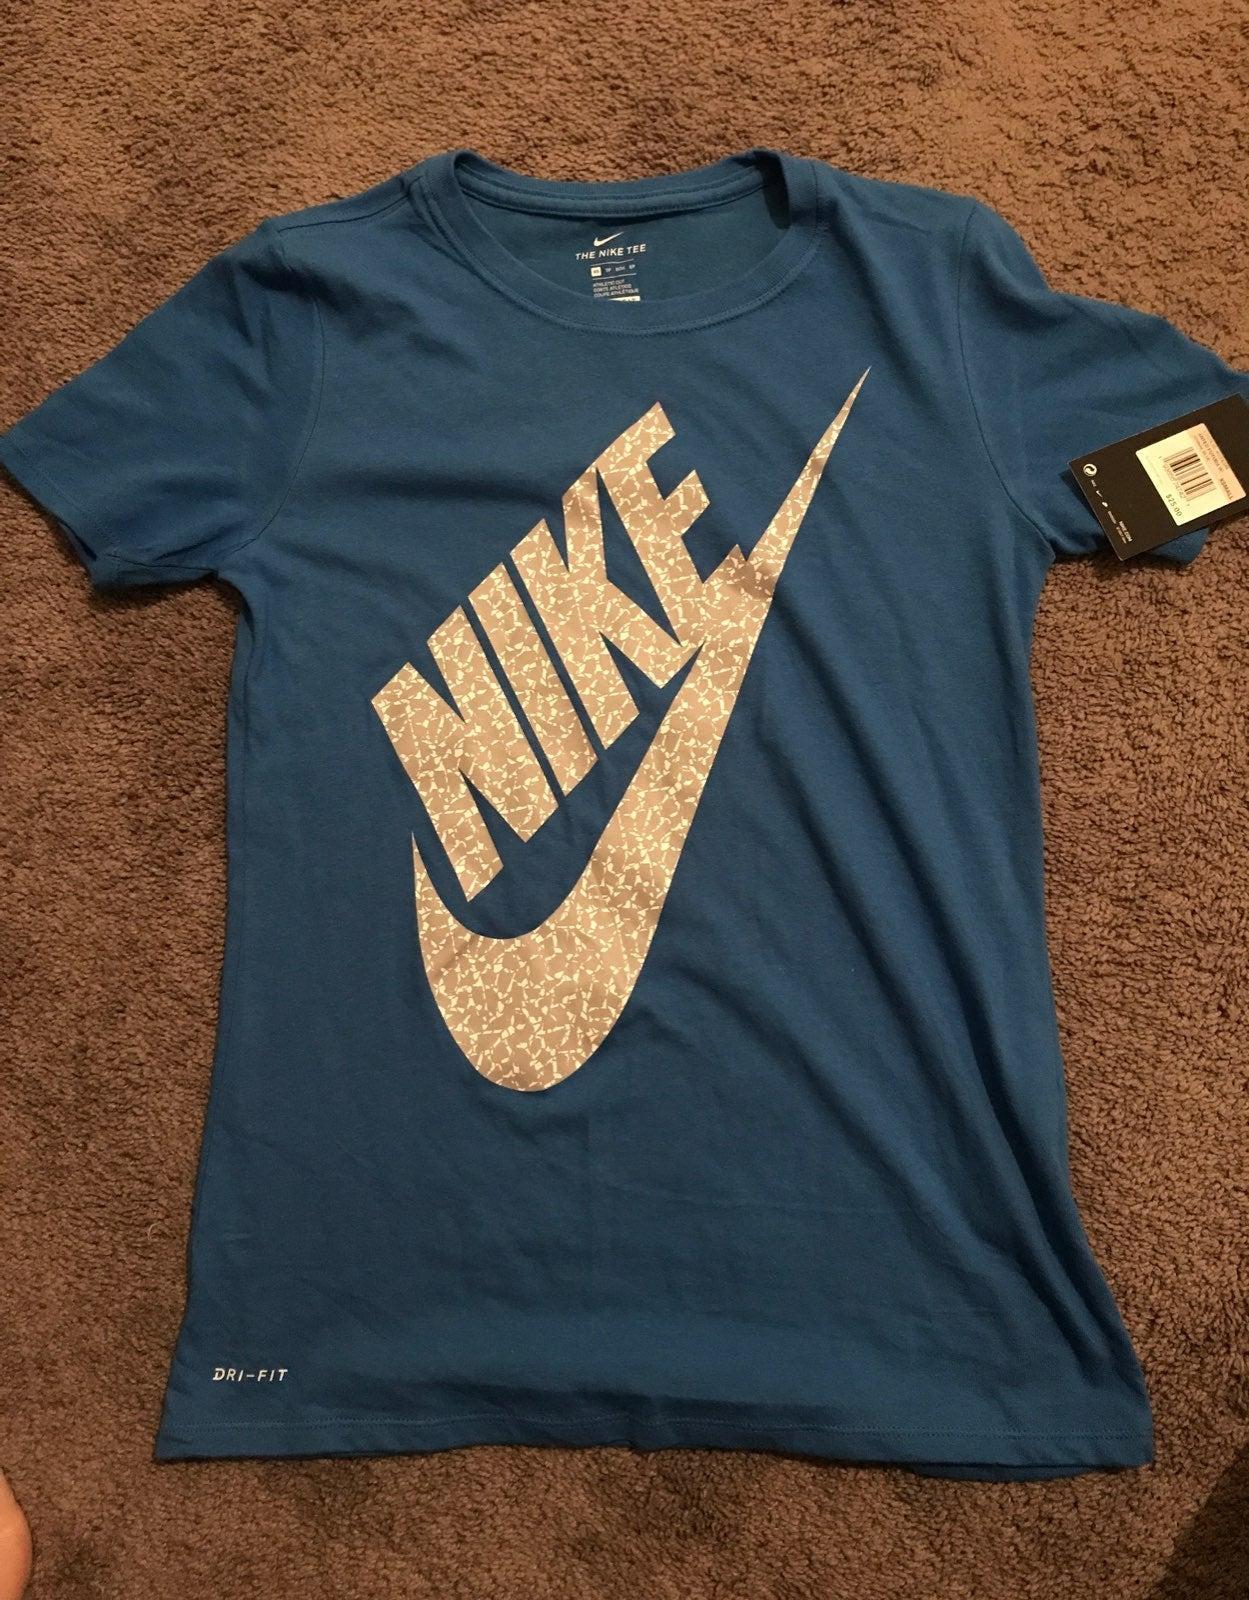 Nike shirts for women